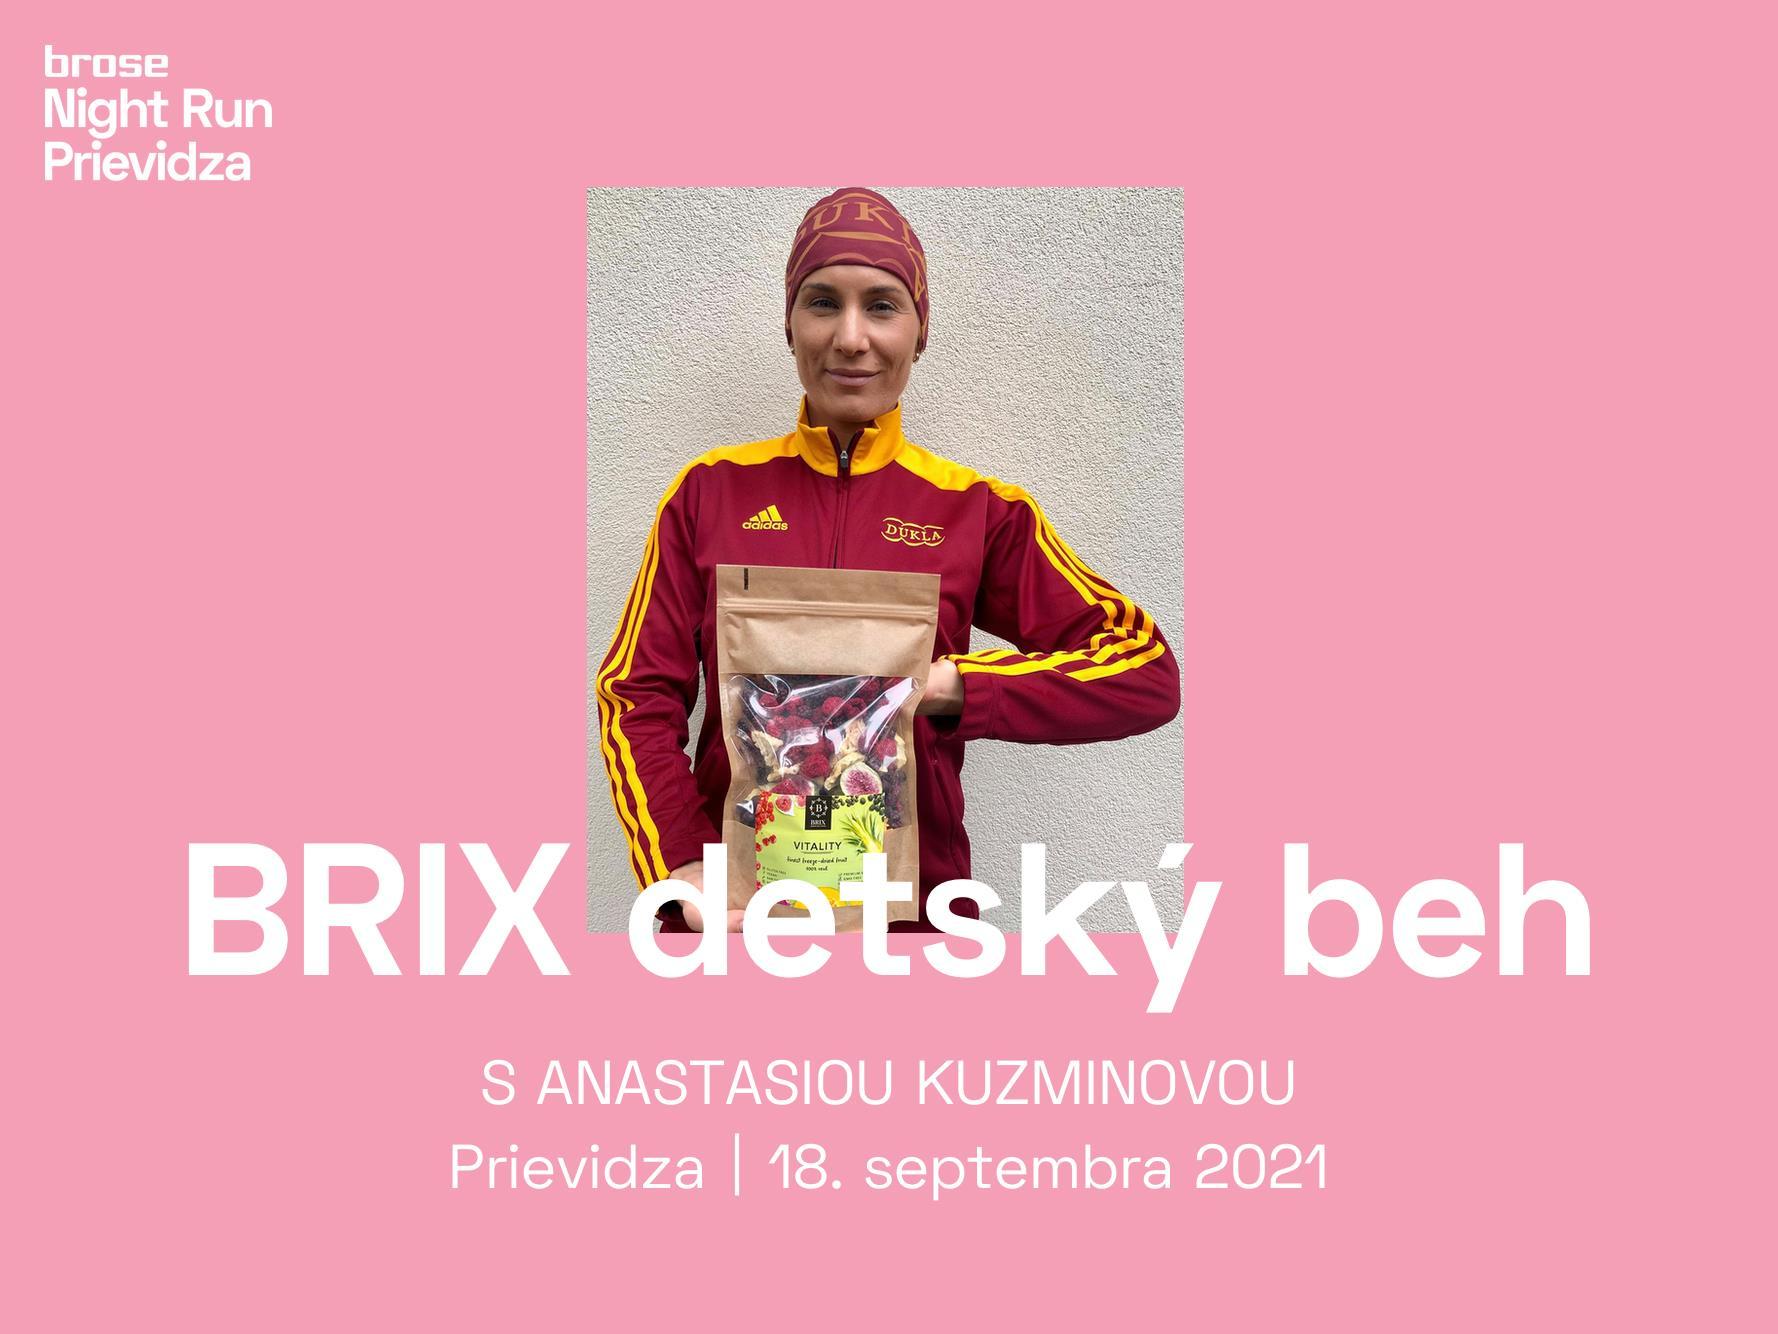 BRIX detský beh Prievidza 2021